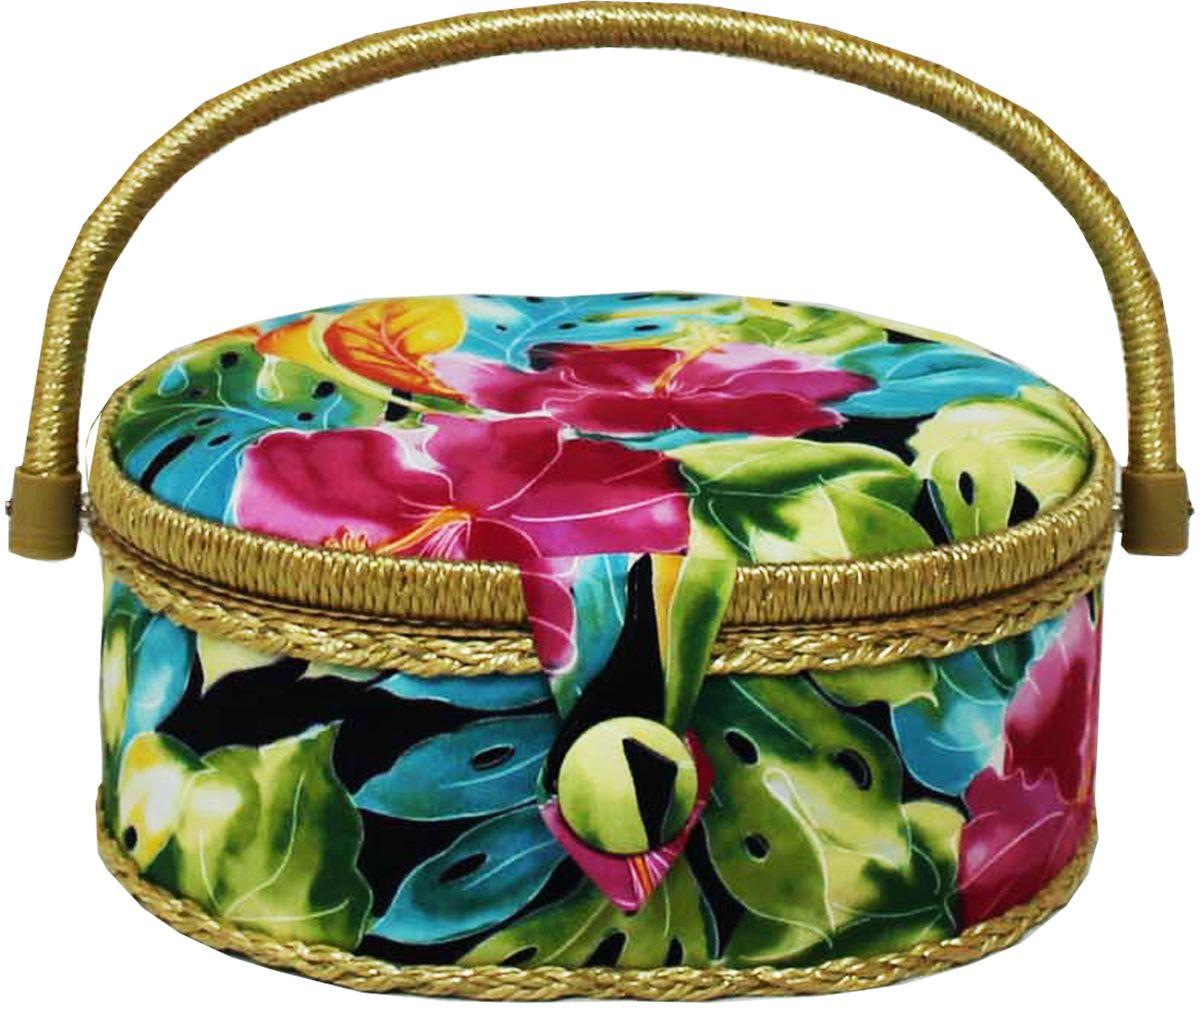 Шкатулка для рукоделия Grace & Glamour, 18 х 23 х 11 см. BN4757BN4757Интерьерная шкатулка из коллекции Тропические цветы выполнена с использованием натуральных материалов: каркас из дерева обтянут дизайнерской тканью Robert Kaufman (100% хлопок) с мягким наполнителем. Внутри шкатулка отделана искусственным шелком, имеется кармашек на резинке и шелковая игольница с двумя булавками. Шкатулка оснащена пластиковым вкладышем с 4 отсеками для мелочей. Ручка и края отделаны натуральным ротангом, который не только украшает шкатулку, но и оберегает края. Шкатулка поможет рукодельнице сорганизовать свое рабочее место, а значит, сократить время на создание своего творения. А кроме того, украсит любой интерьер и будет радовать свою обладательницу долгие годы благодаря качественному исполнению и материалам. Прекрасный подарок любой женщине!Размер вкладыша: 20,5х15х3 см.